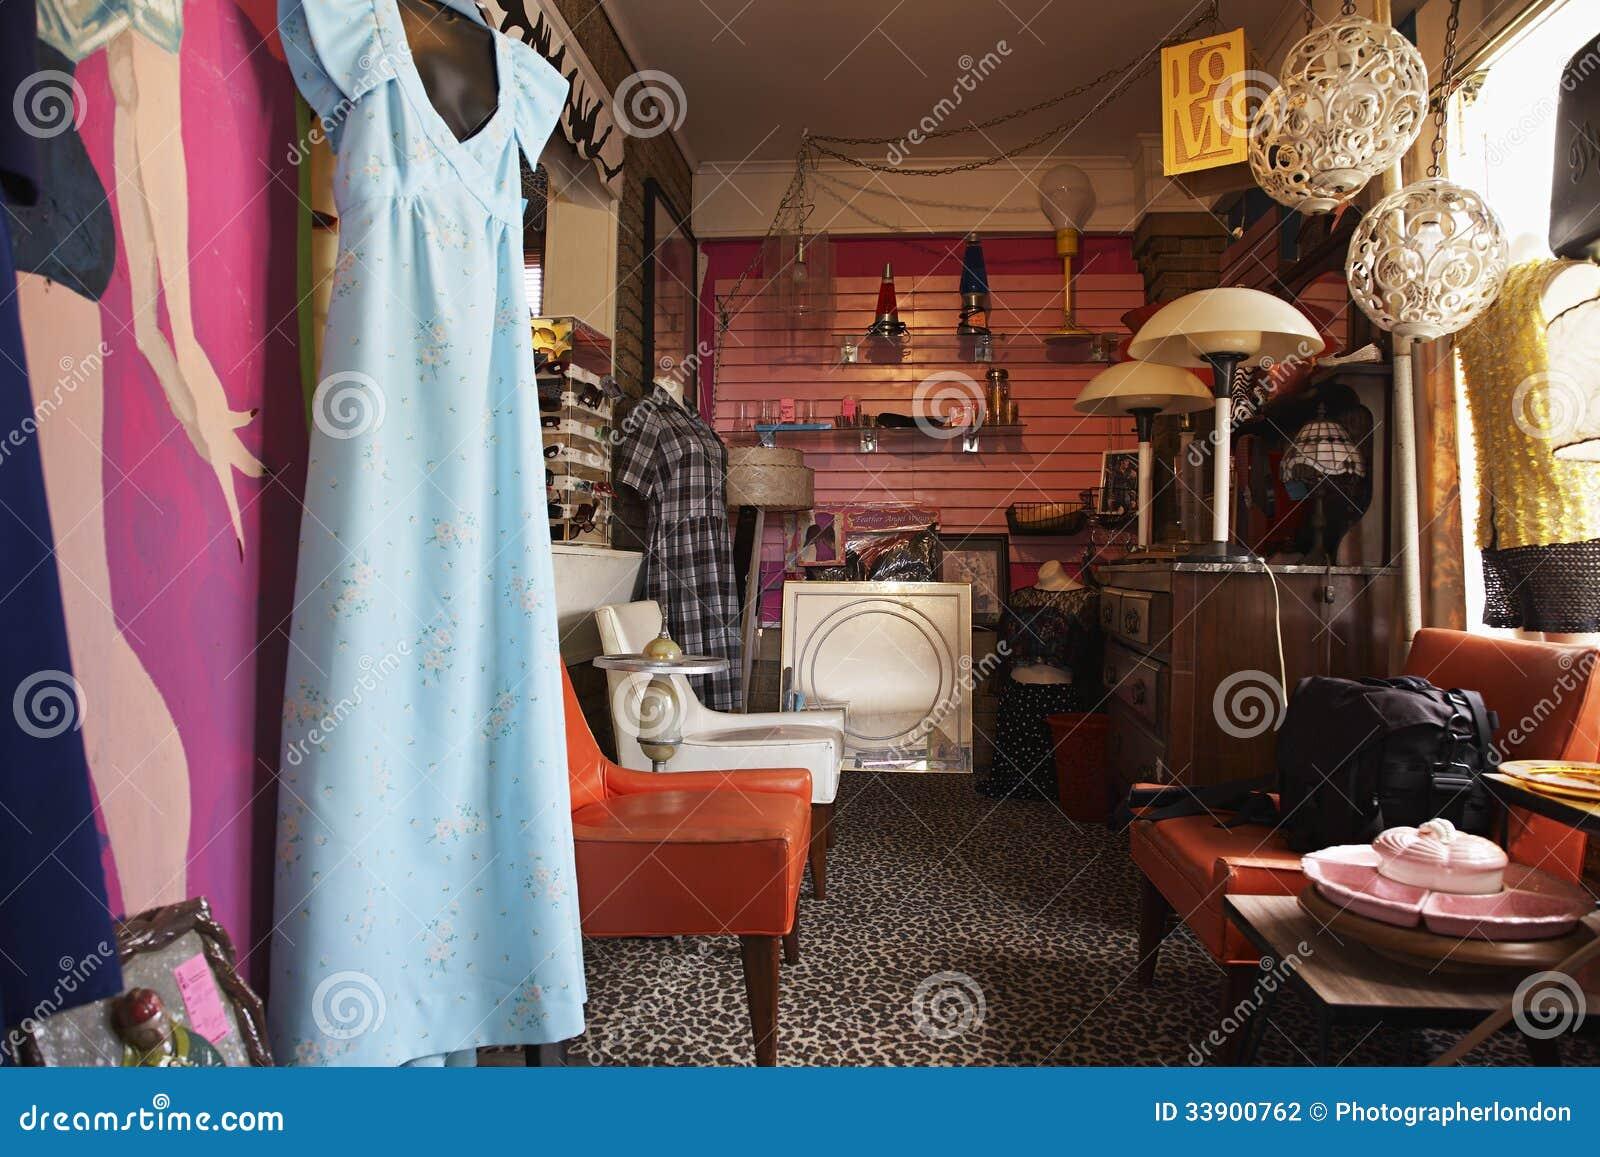 Ropa Y Muebles En Tienda De Segunda Mano Foto De Archivo Imagen  # Muebles Tienda Segunda Mano